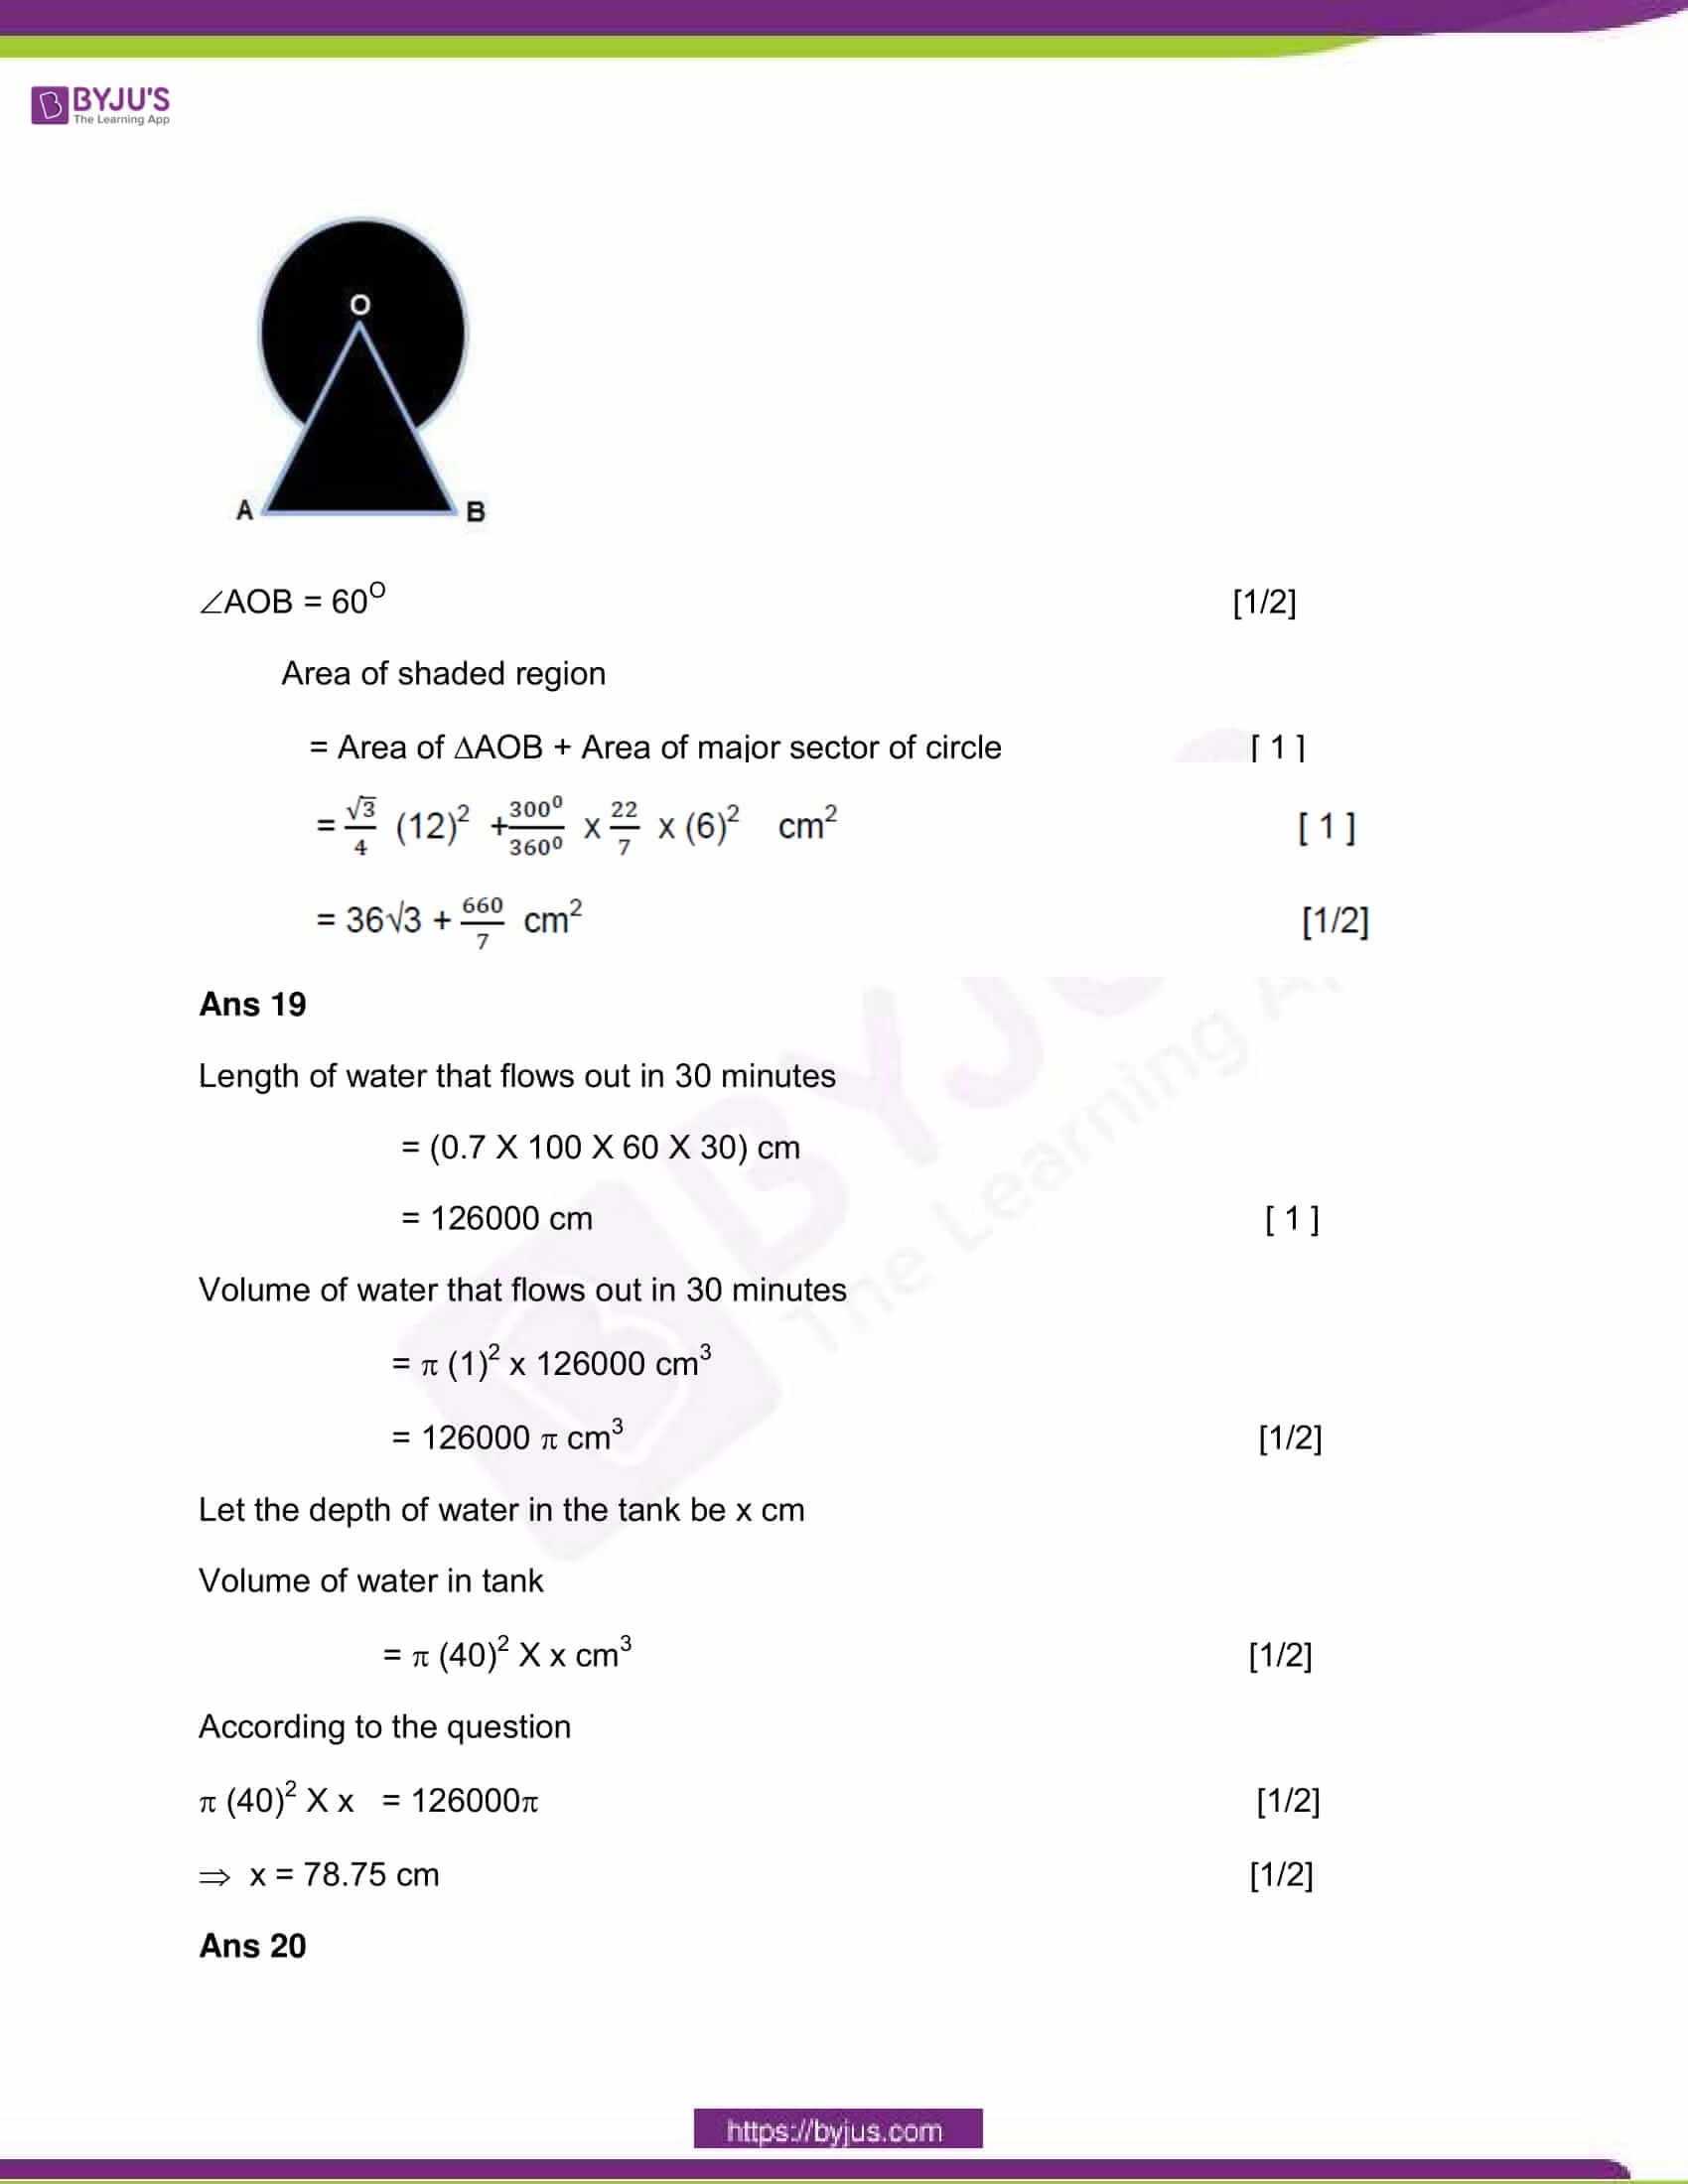 cbse sample paper solution class 10 maths sa 2 set 1